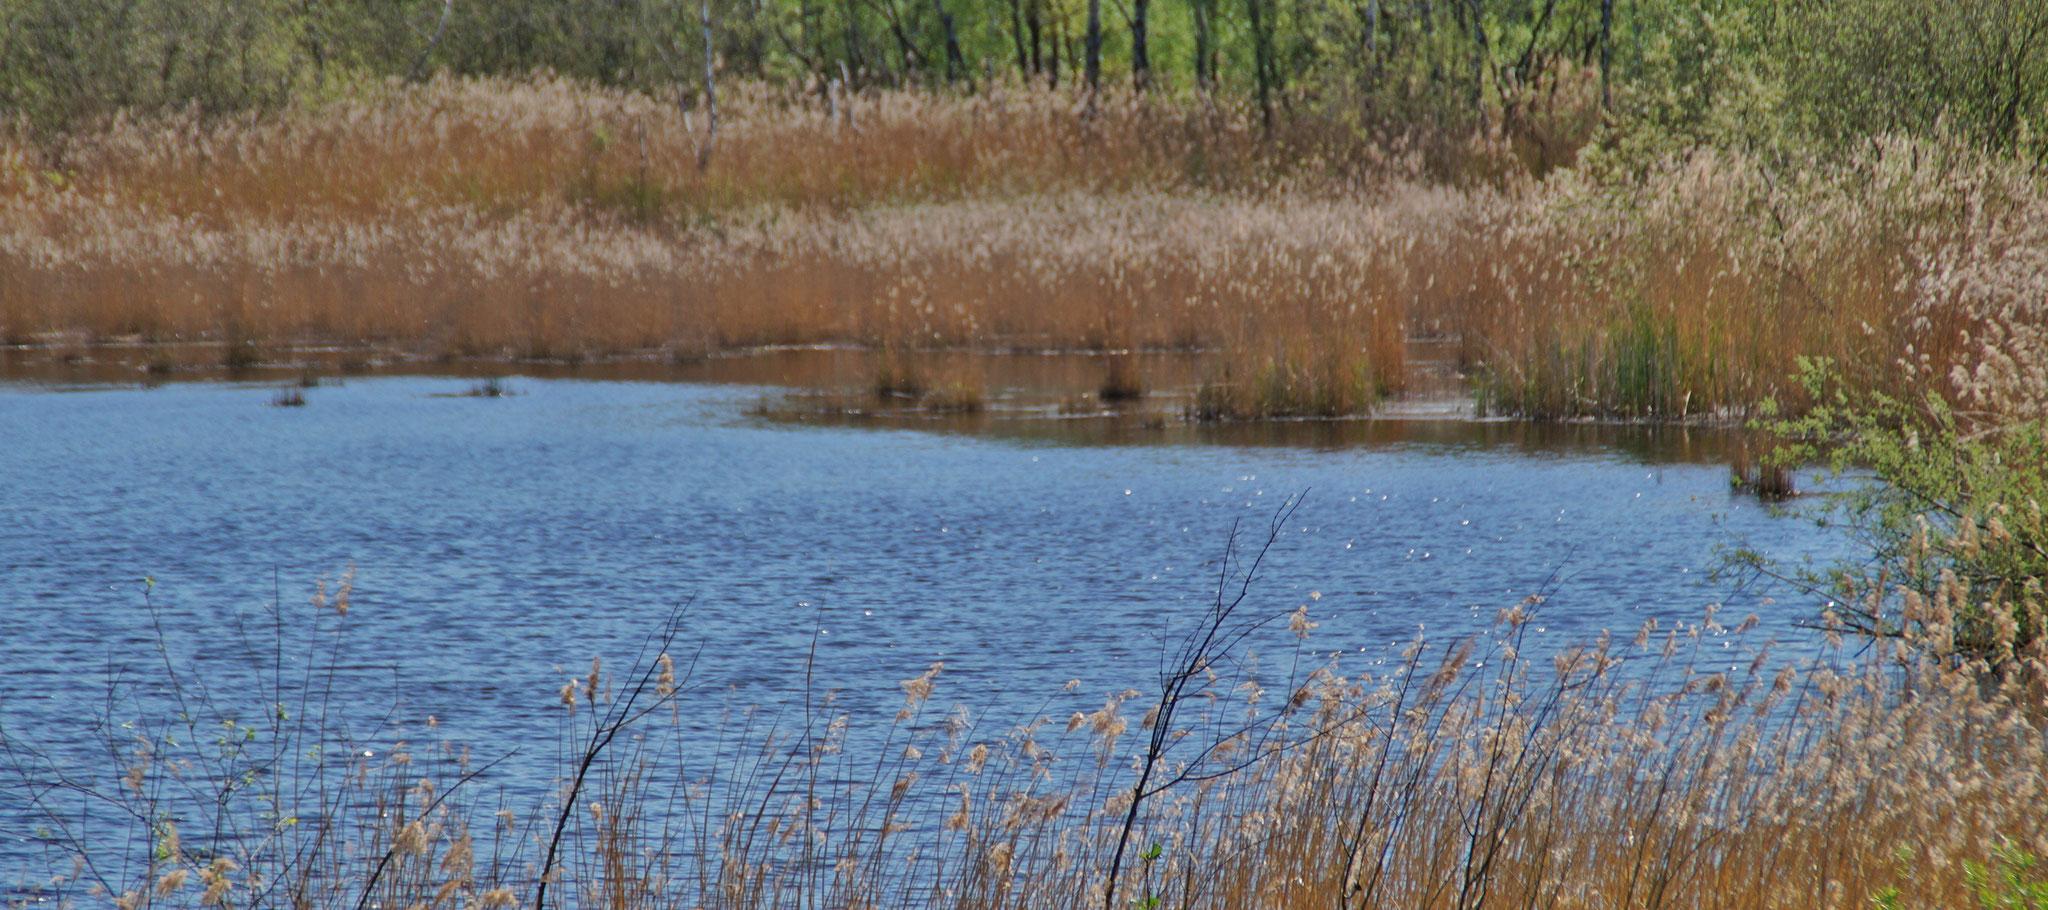 Naturschutzgebiet am Kanal